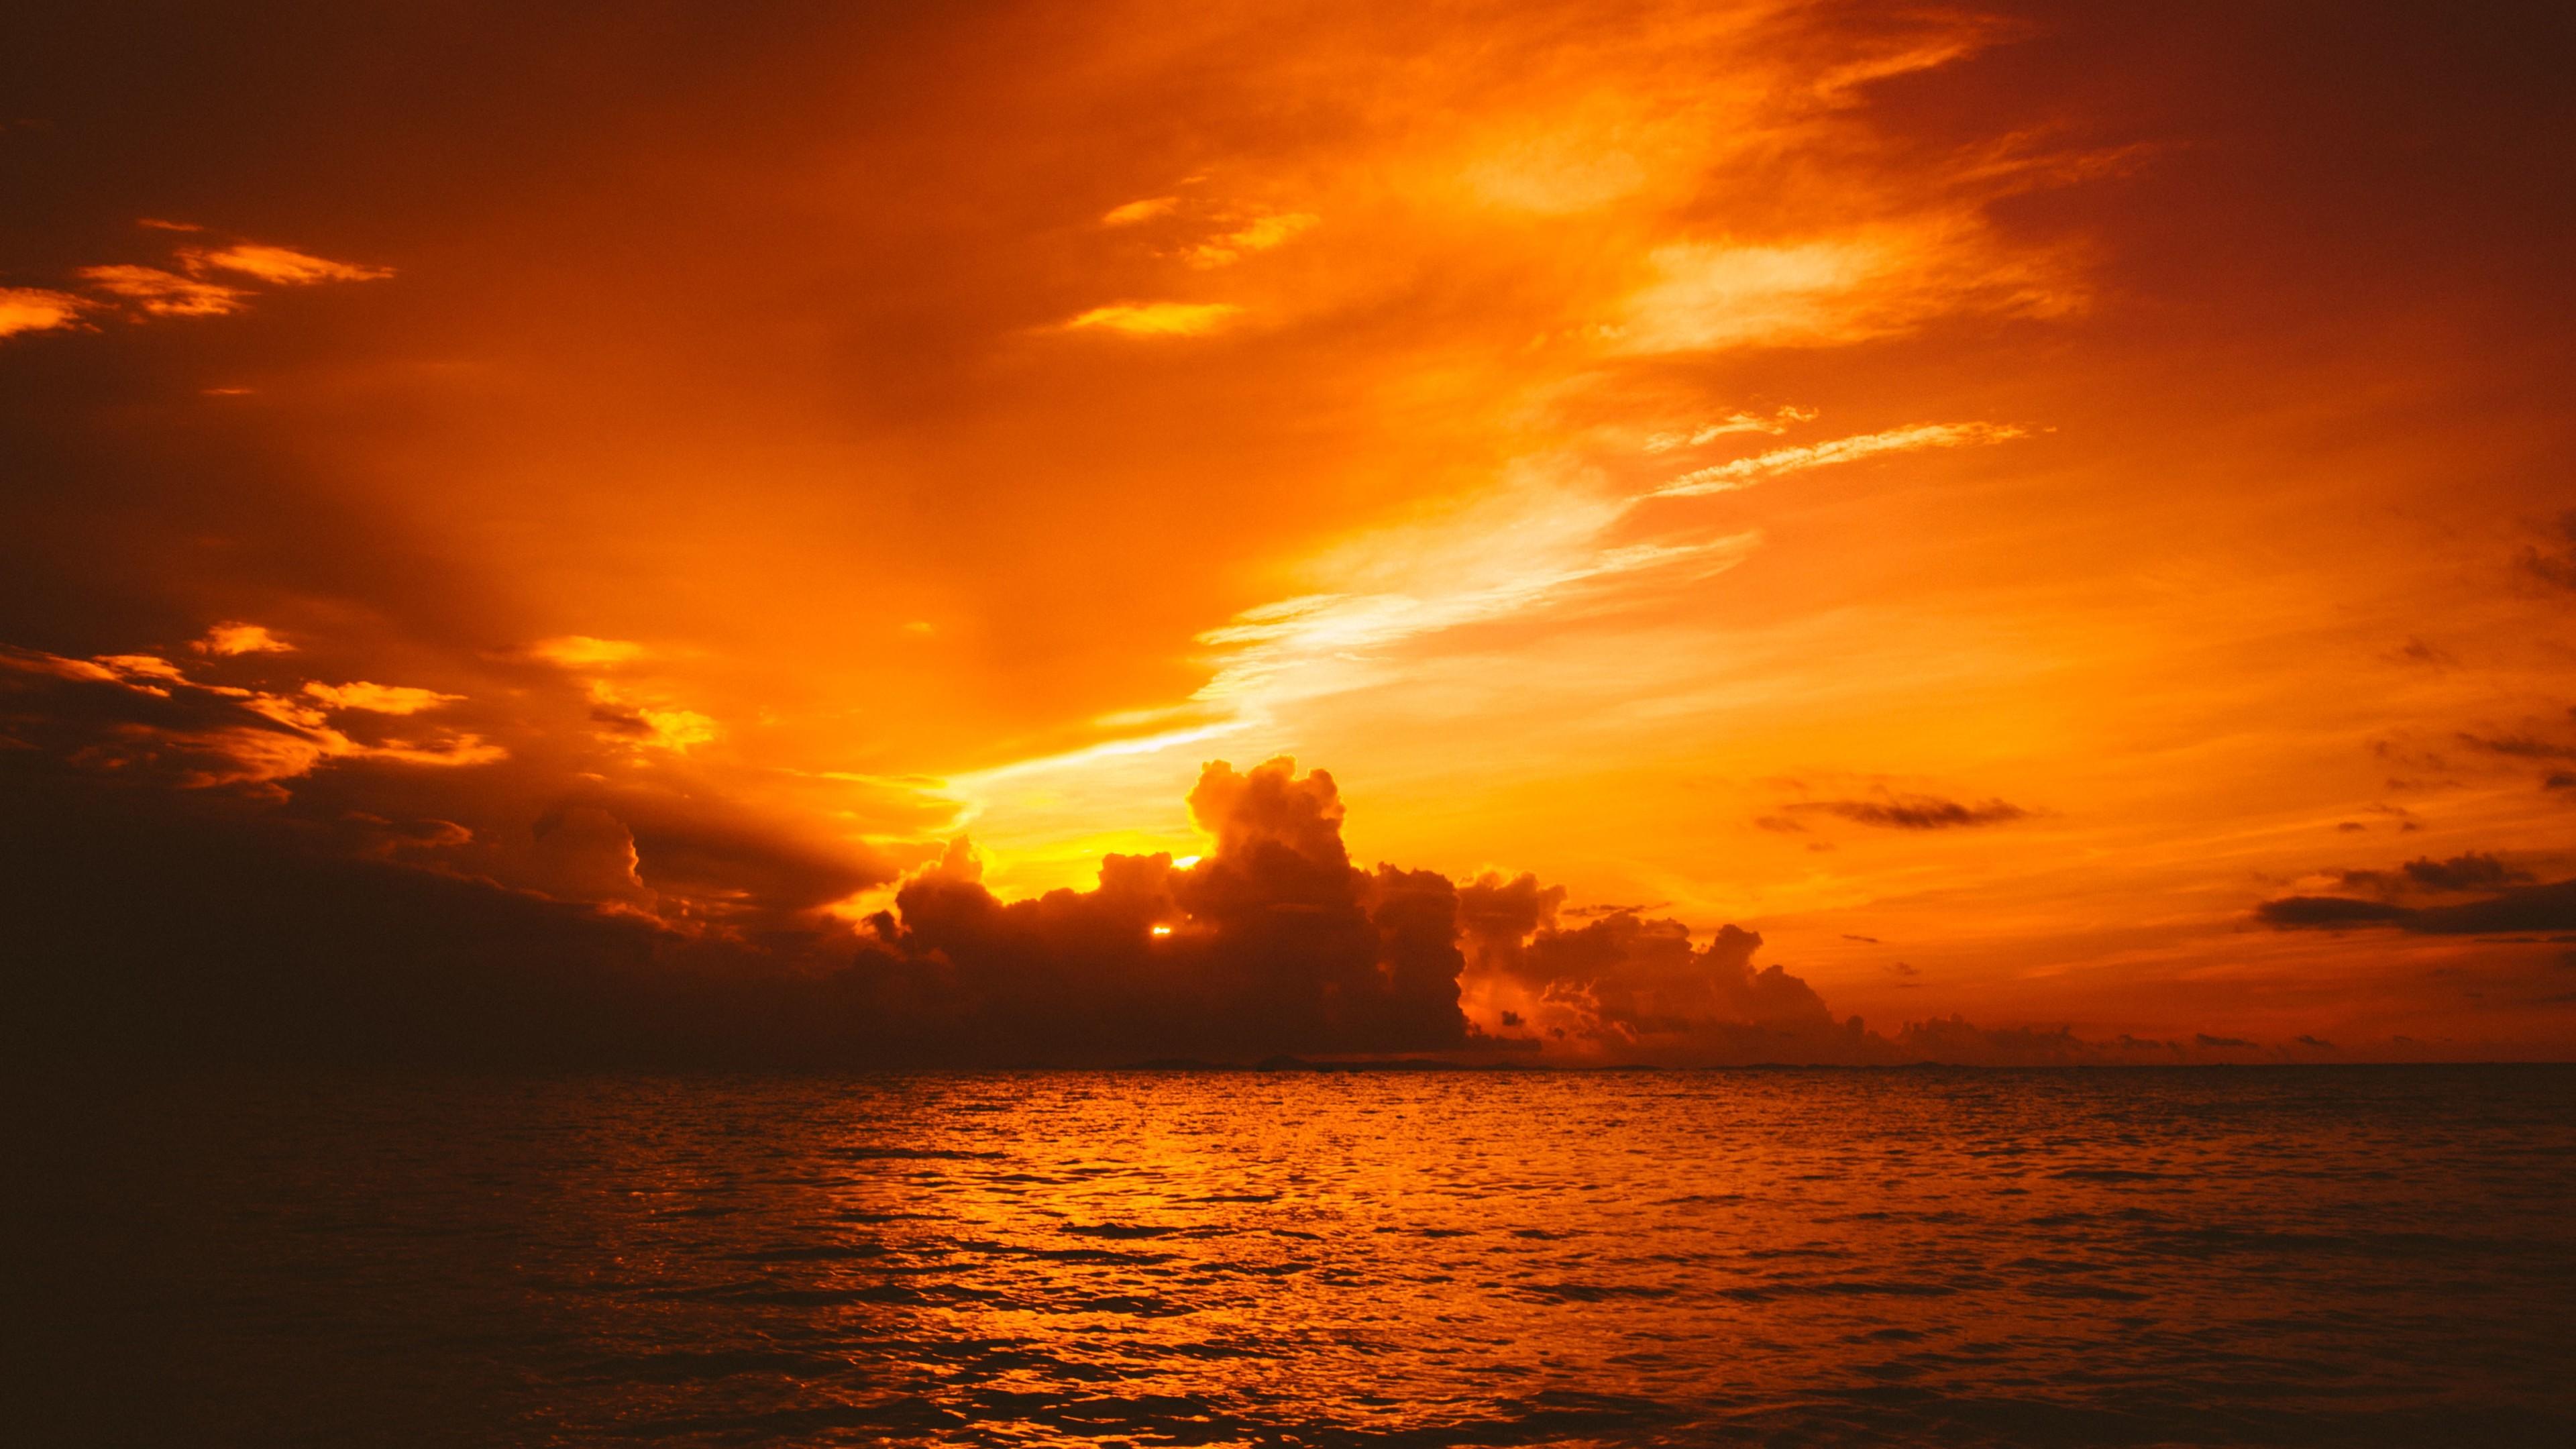 sun in clouds sea nature 4k 1540139445 - Sun In Clouds Sea Nature 4k - sunset wallpapers, sunrise wallpapers, sea wallpapers, nature wallpapers, hd-wallpapers, clouds wallpapers, 5k wallpapers, 4k-wallpapers